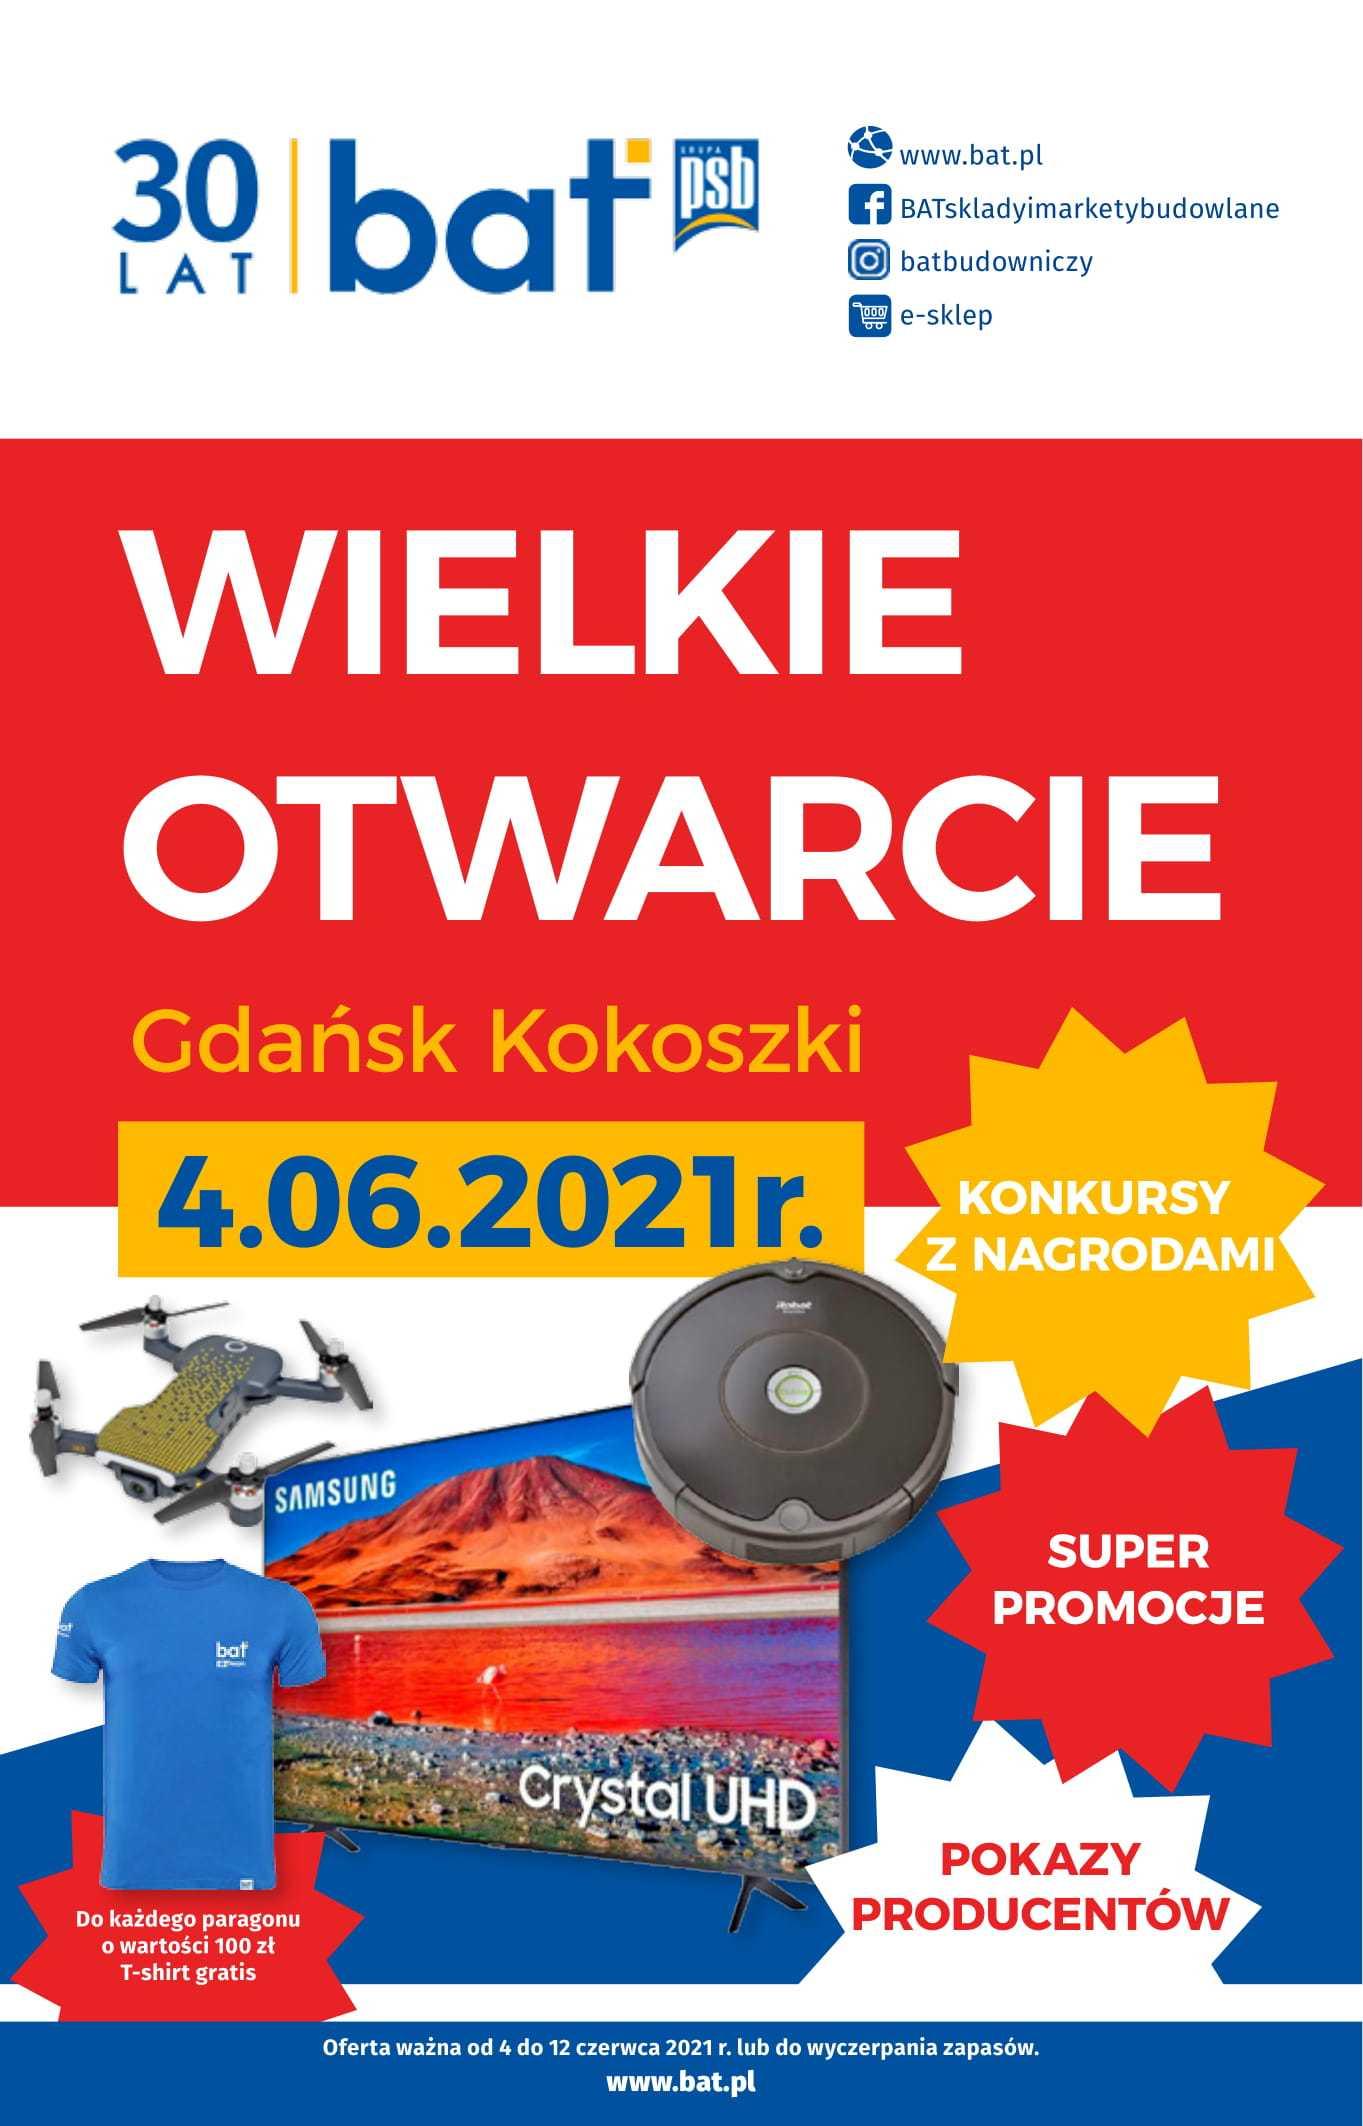 gazetka promocyjna wielkie otwarcie bat gdansk kokoszki-1